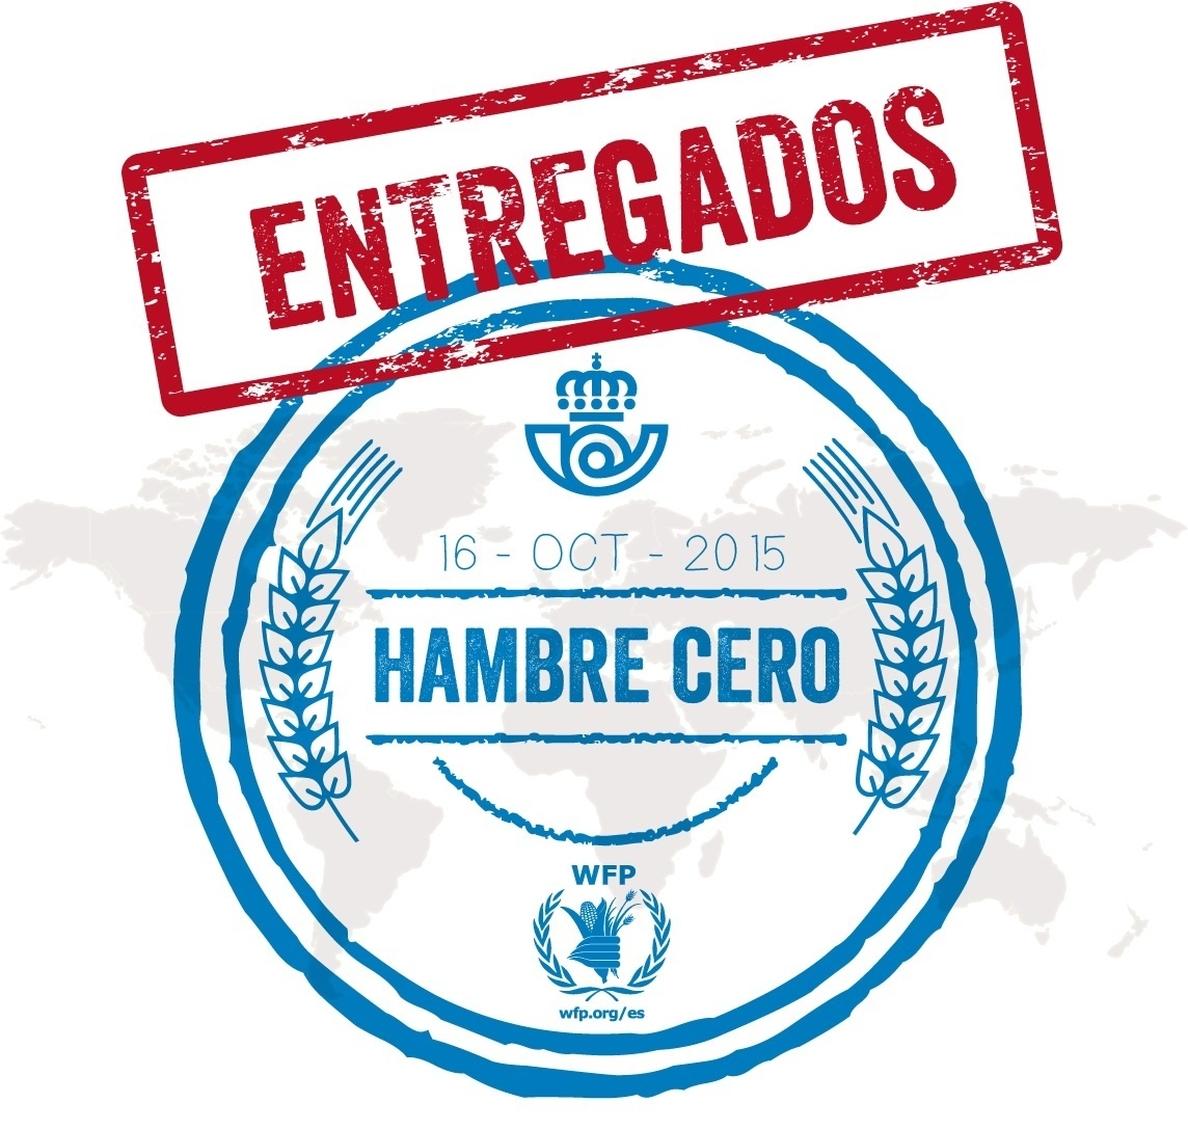 Correos acoge en su oficina principal de Madrid la exposición fotográfica »Entregados Hambre Cero»